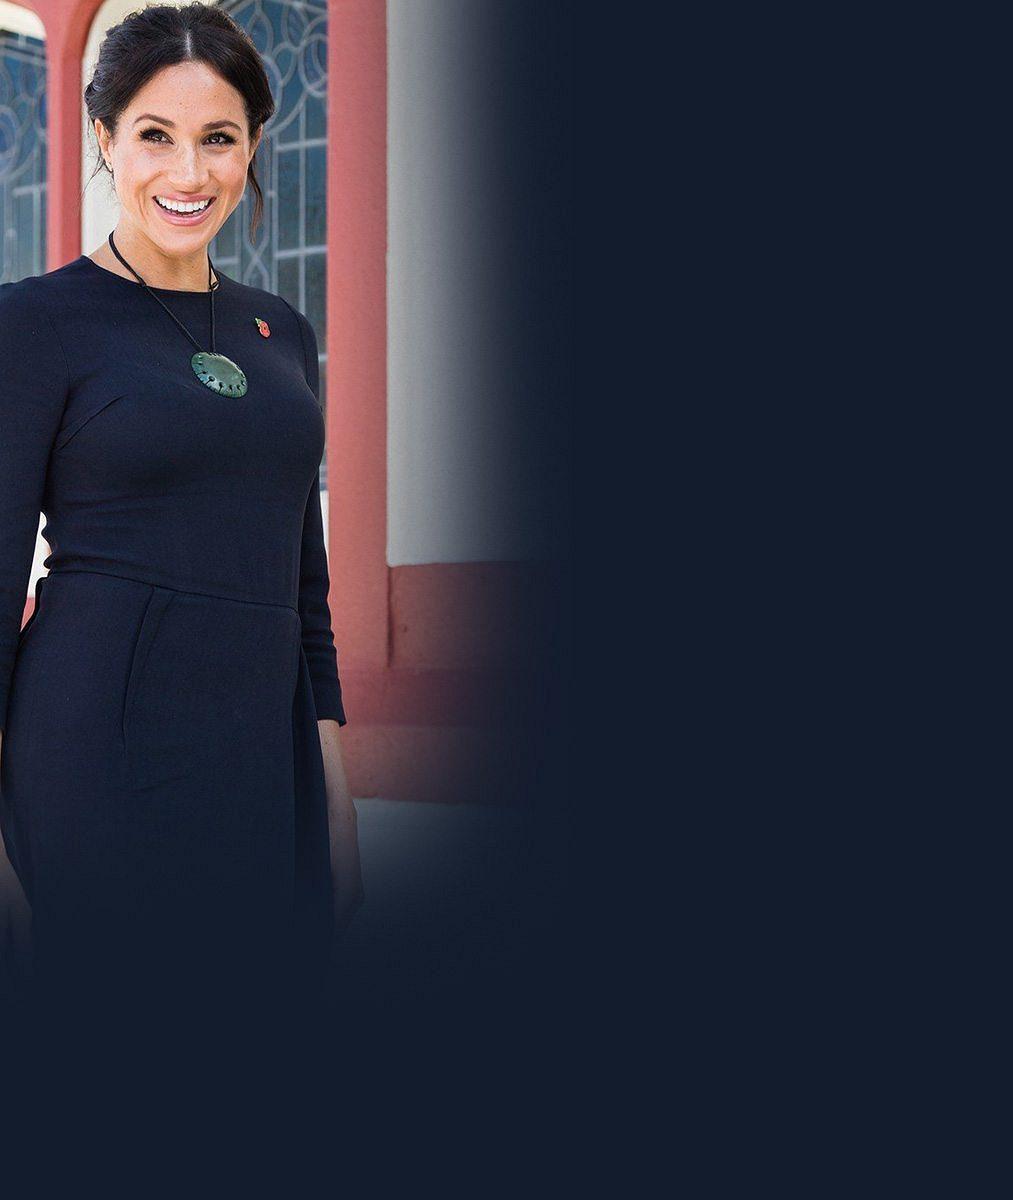 Princ Harry opouští Kensingtonský palác: Meghan prý do královské rodiny nezapadla, raději bude miminko vychovávat v tomto domě